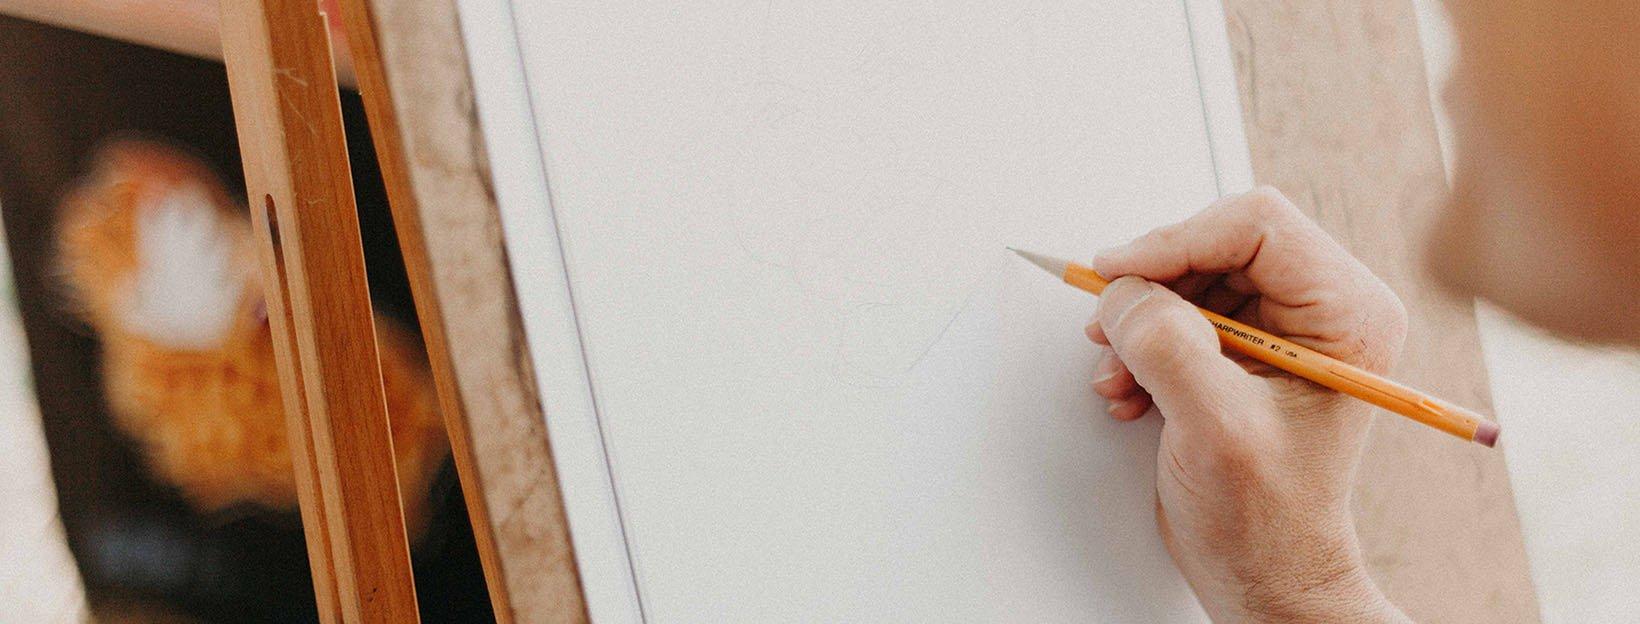 Gestaltungsprinzipien im Design: Hand mit Bleistift vor leerem Blatt